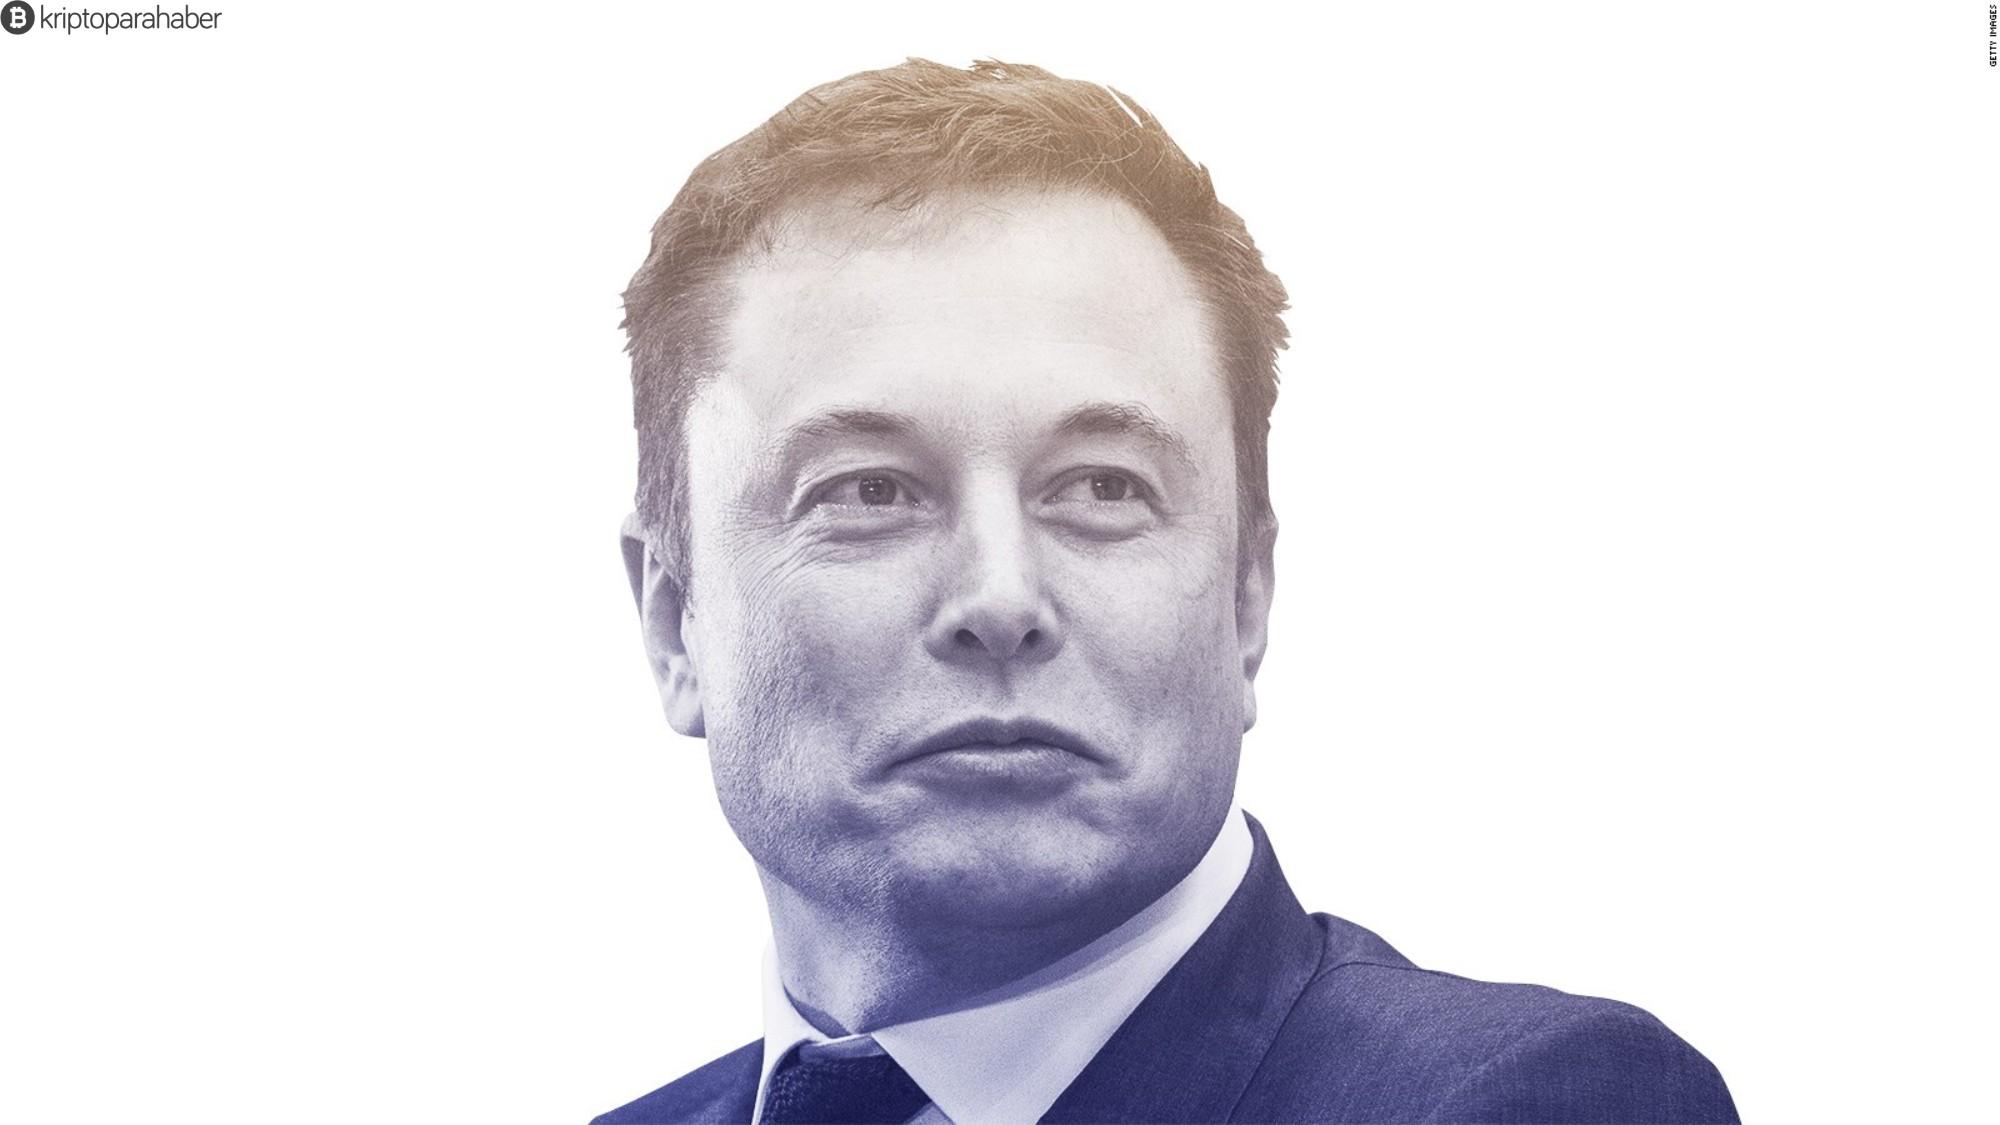 Şok iddia: Elon Musk'ın şirketi SpaceX, Bitcoin almaya hazırlanıyor olabilir! Kritik bilgi geldi